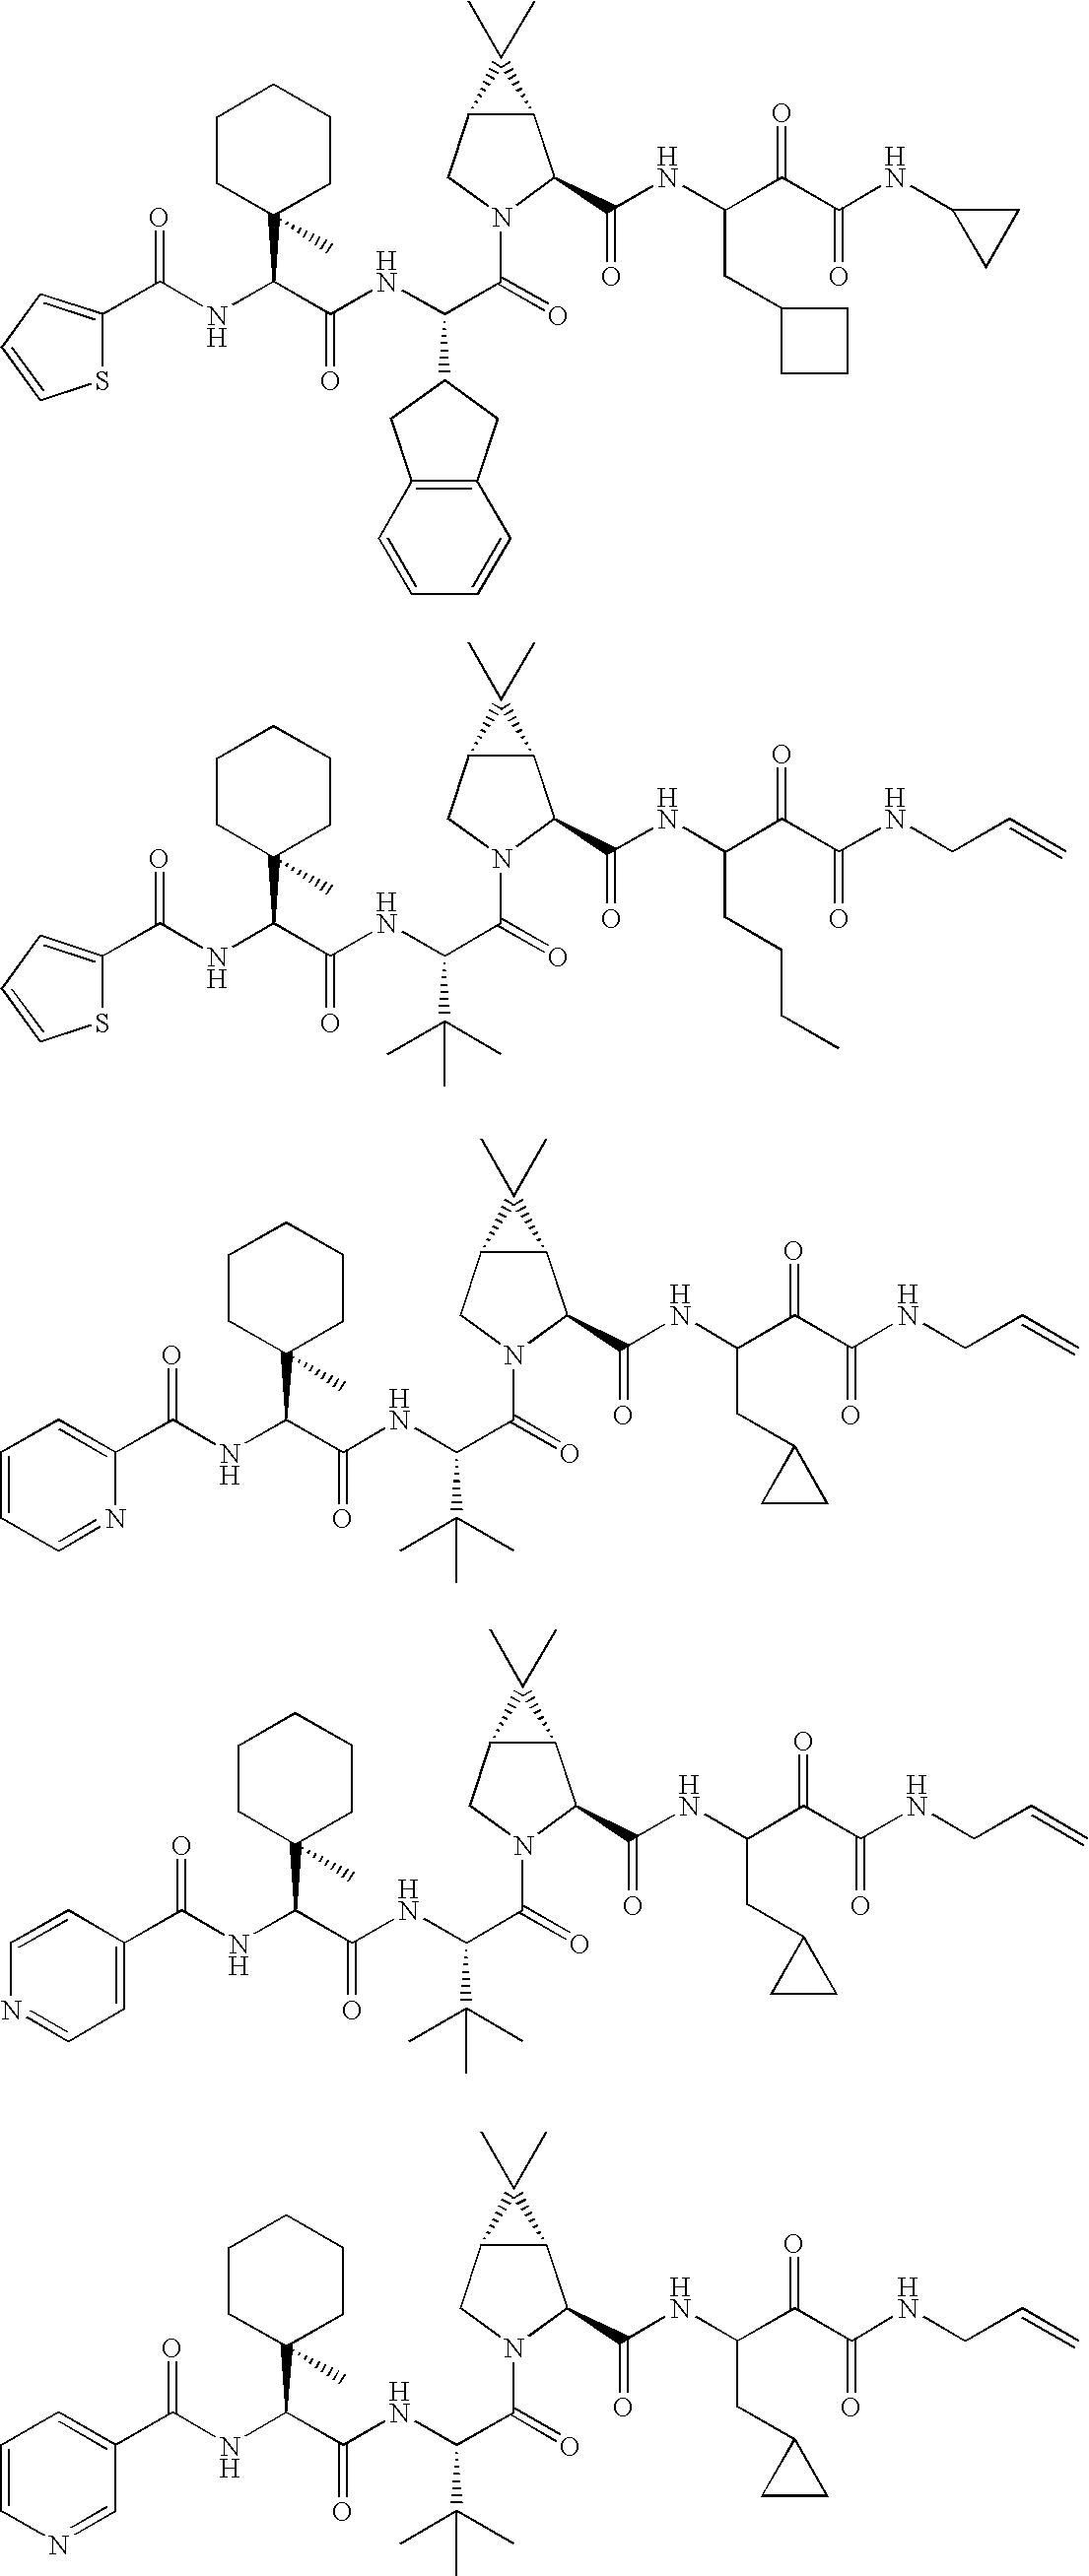 Figure US20060287248A1-20061221-C00489